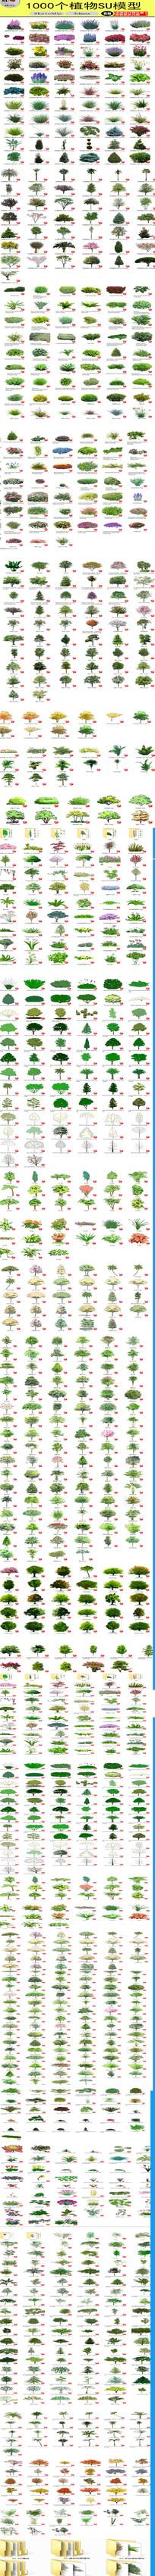 植物树木花草花卉SU模型合集